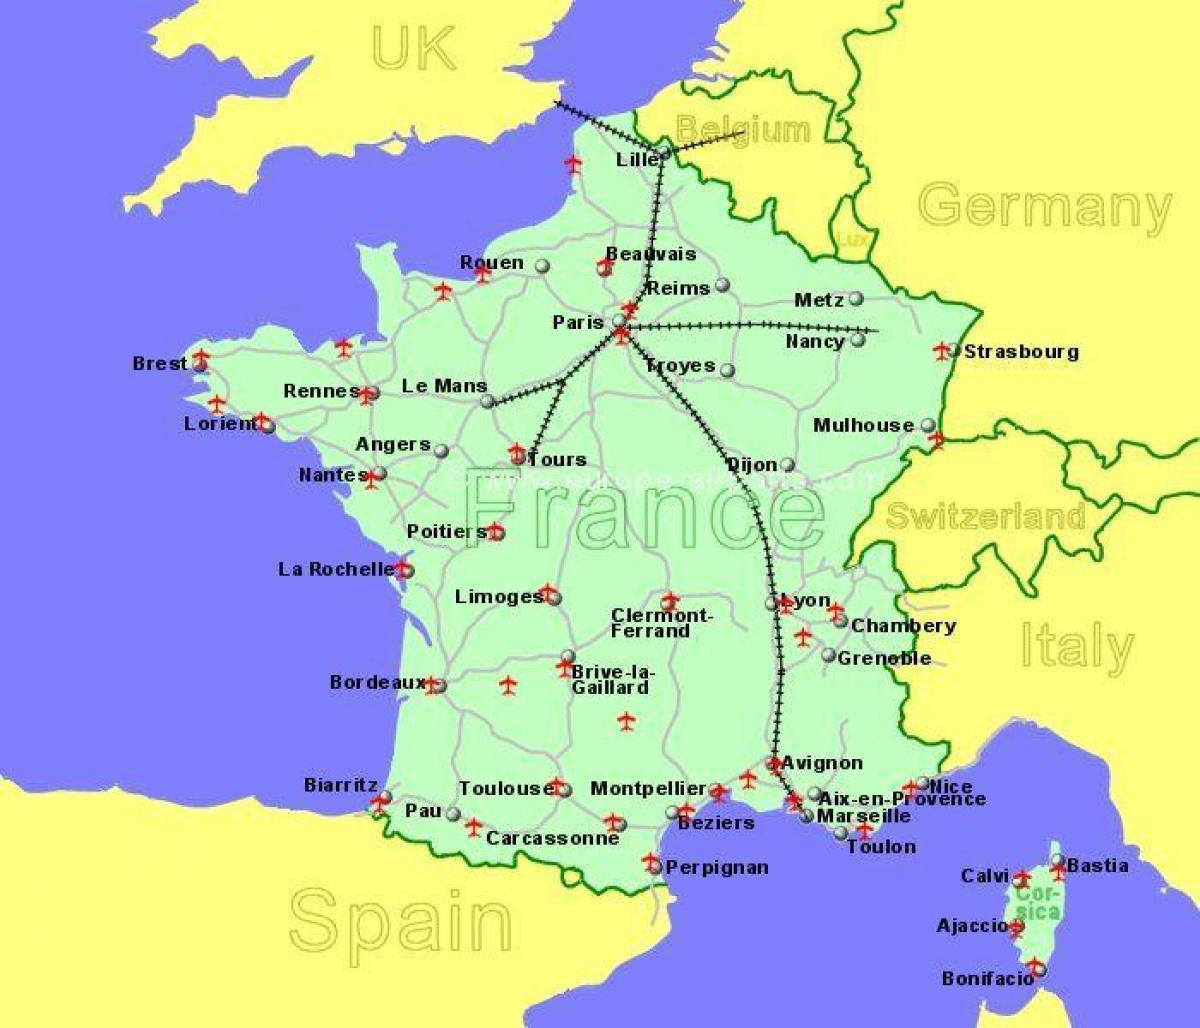 Al sur de Francia aeropuertos mapa   Aeropuertos en el sur de